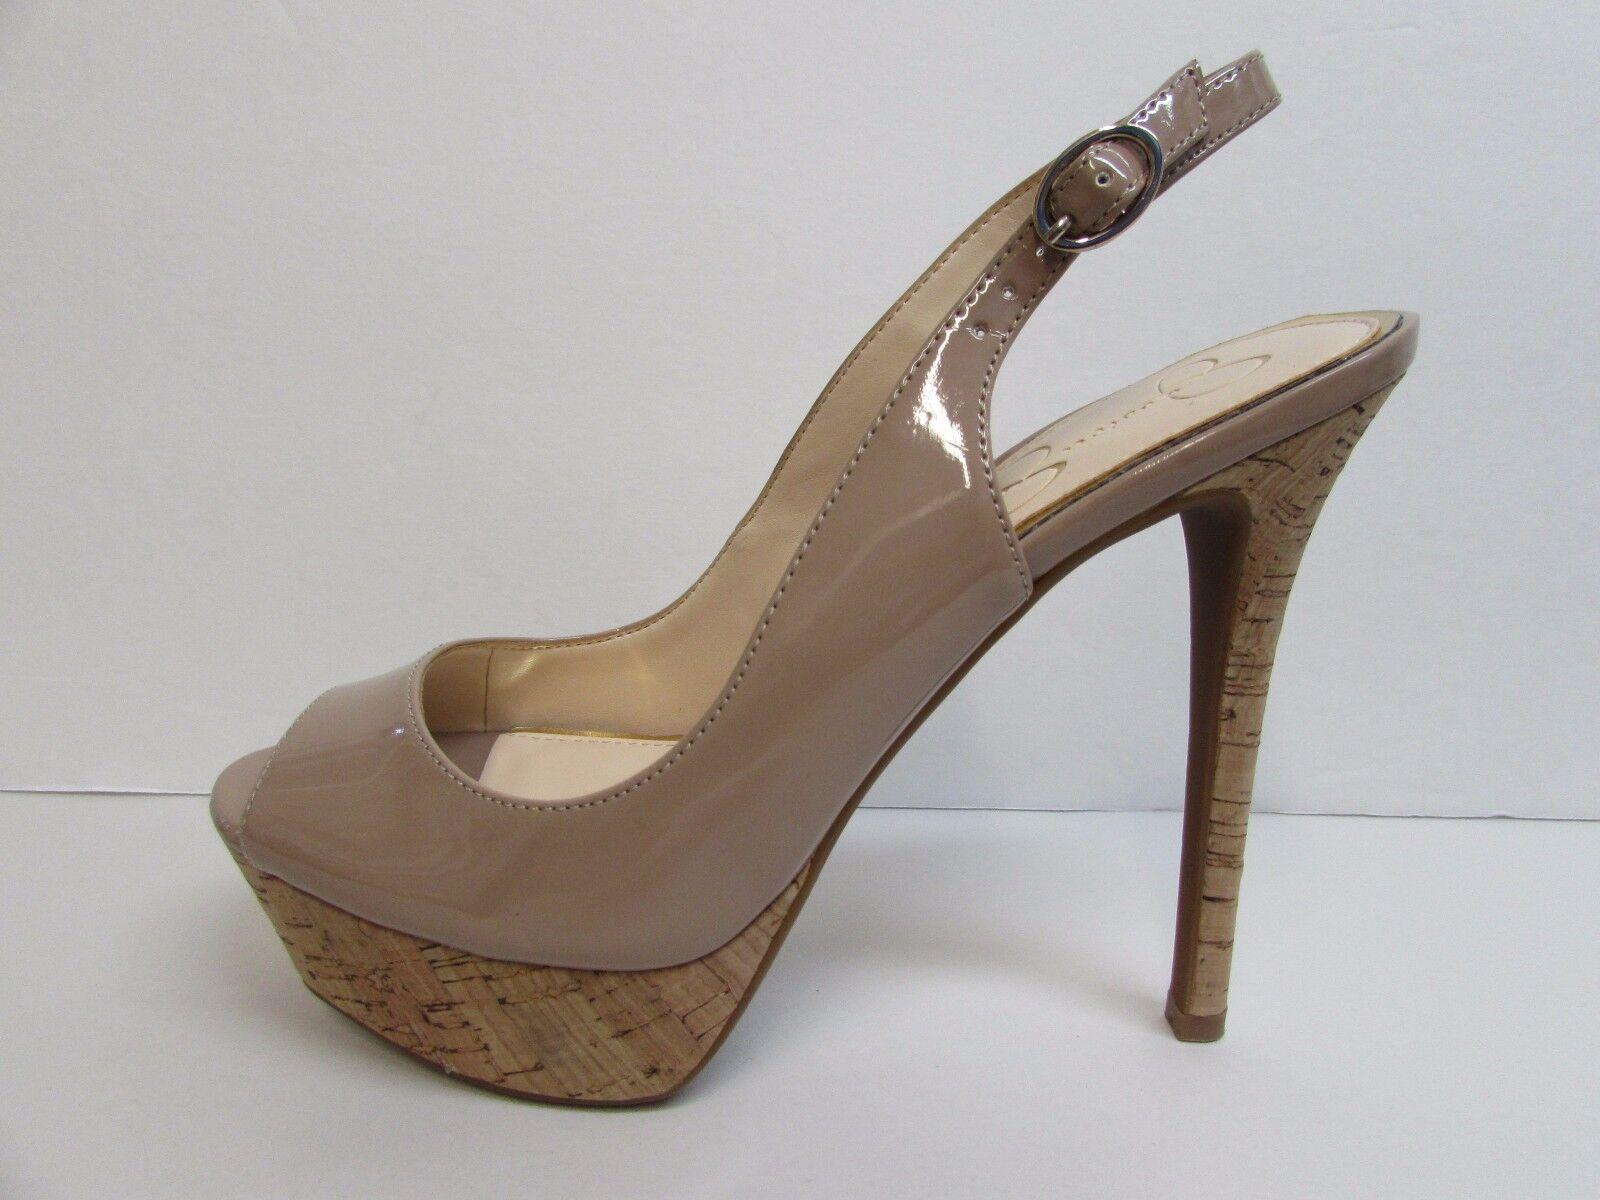 Jessica Simpson Simpson Simpson Talla 10 Biege Nuevos Mujer Zapatos Plataforma Tacones  de moda